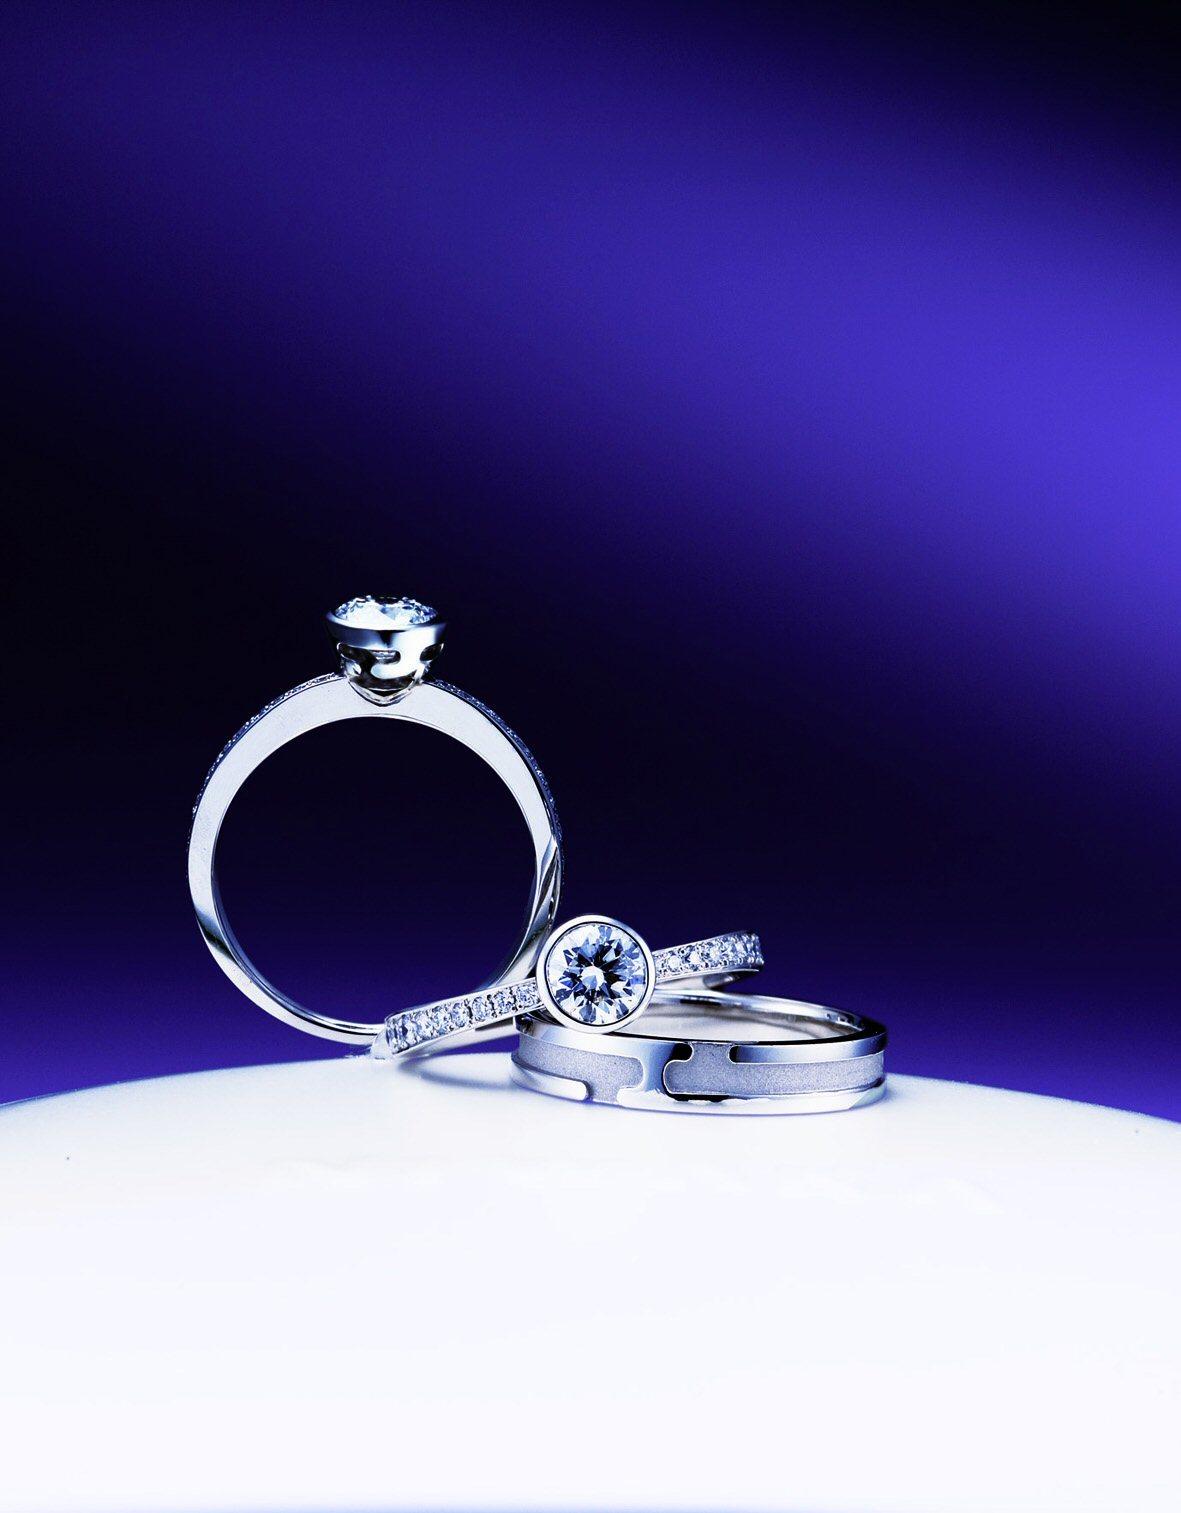 「八重霞(やえがすみ)」の物語~流行ものより残るもの、その良さの答えは何年後かに~俄の婚約指輪のエピソード_f0118568_16502811.jpg